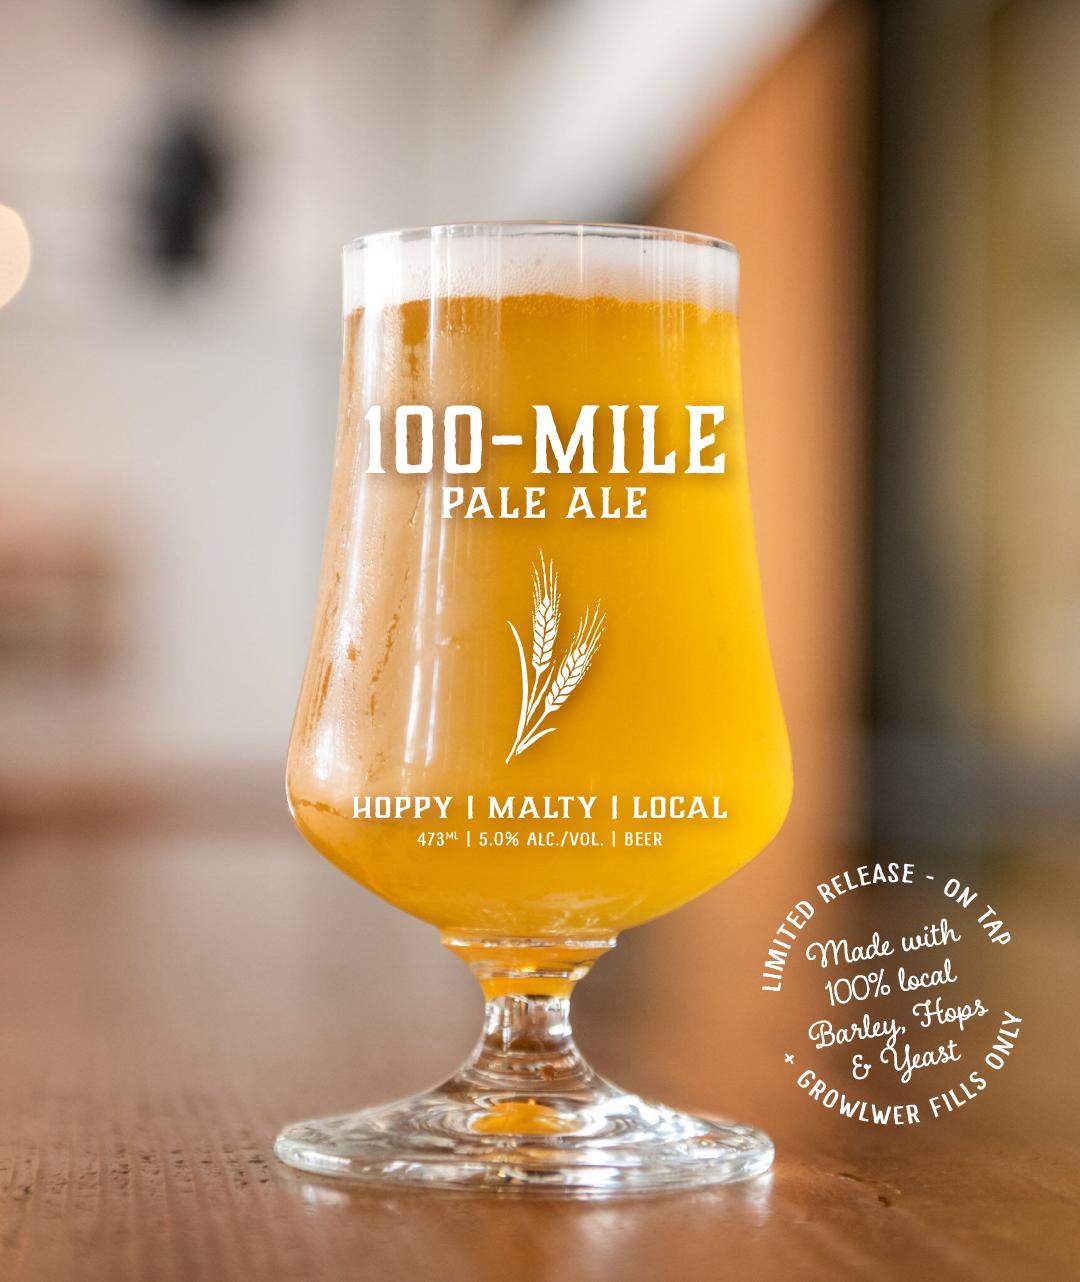 100 Mile Pale Ale